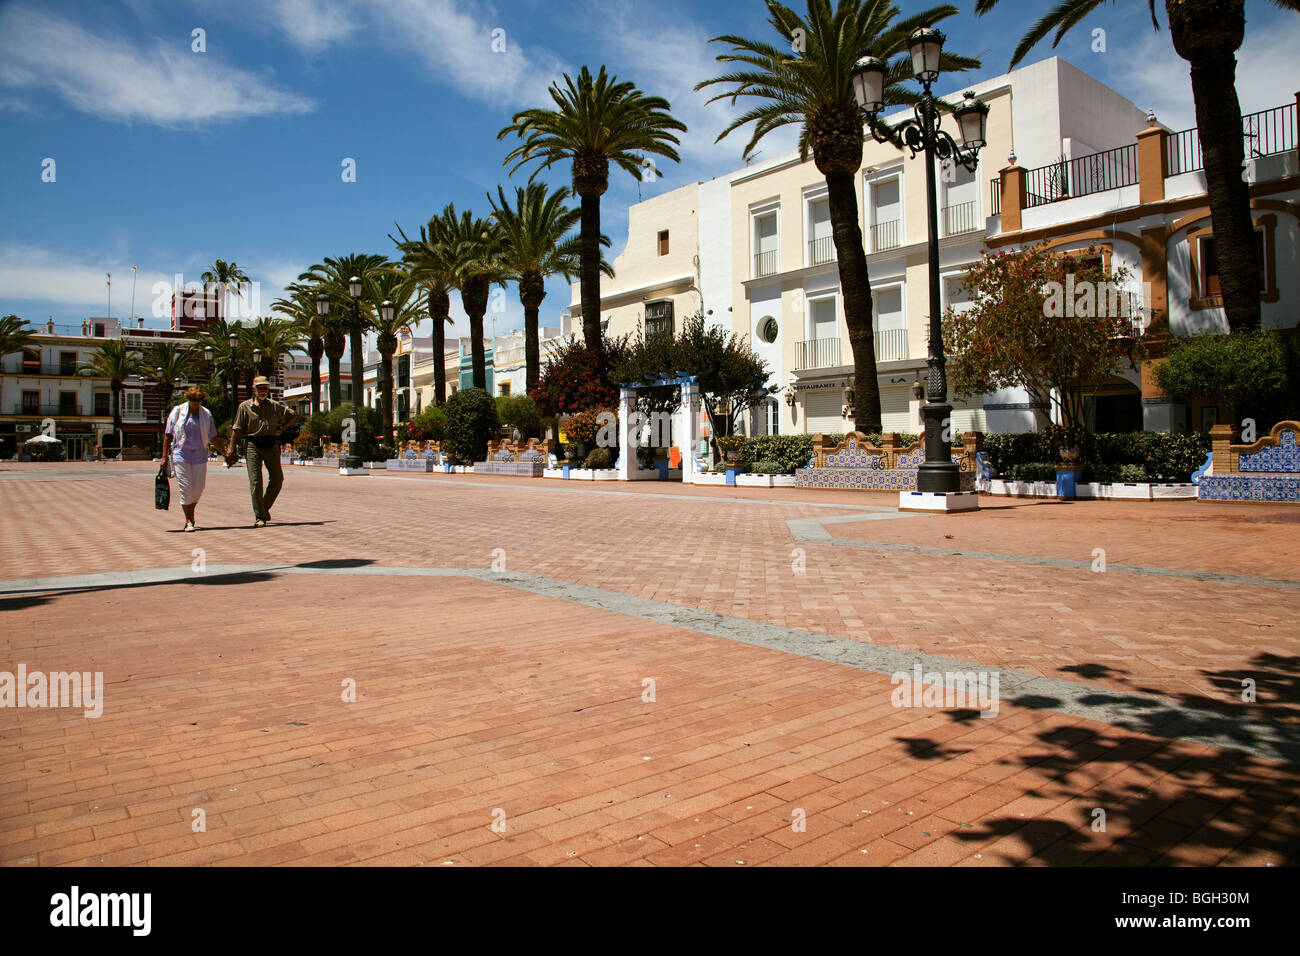 Plaza de la Ribera en Ayamonte, Huelva, Andalucía, España Plaza de la Ribera in Ayamonte, Huelva, Andalusia, - Stock Image